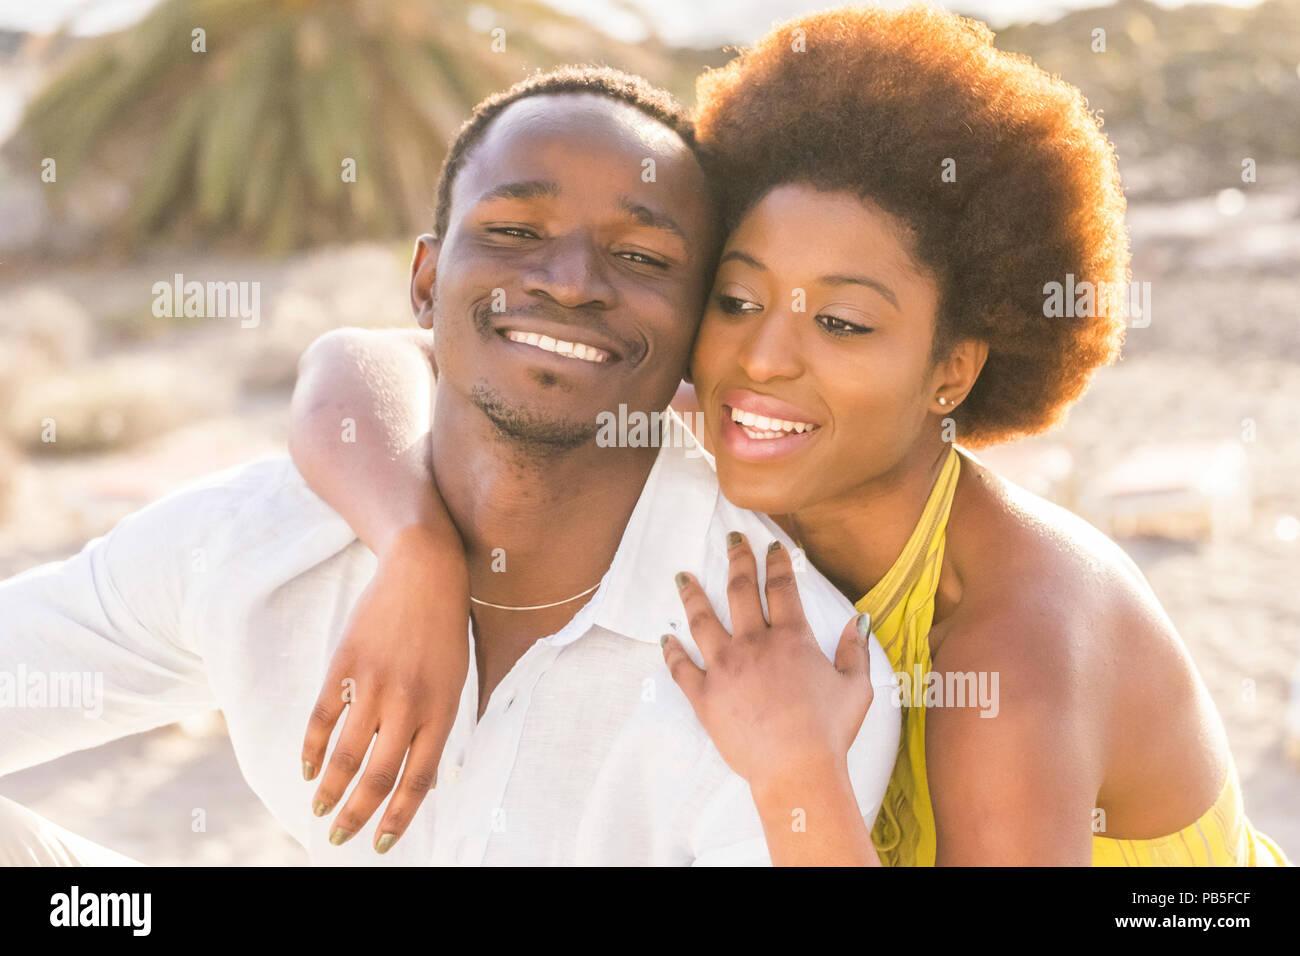 Gerne schönen schwarzen Rasse afrikanische Paar in Liebe oder Freundschaft bleiben zusammen, gehen mit großen Smilies unter der Sonne des Sommers in Vaca umarmte Stockbild